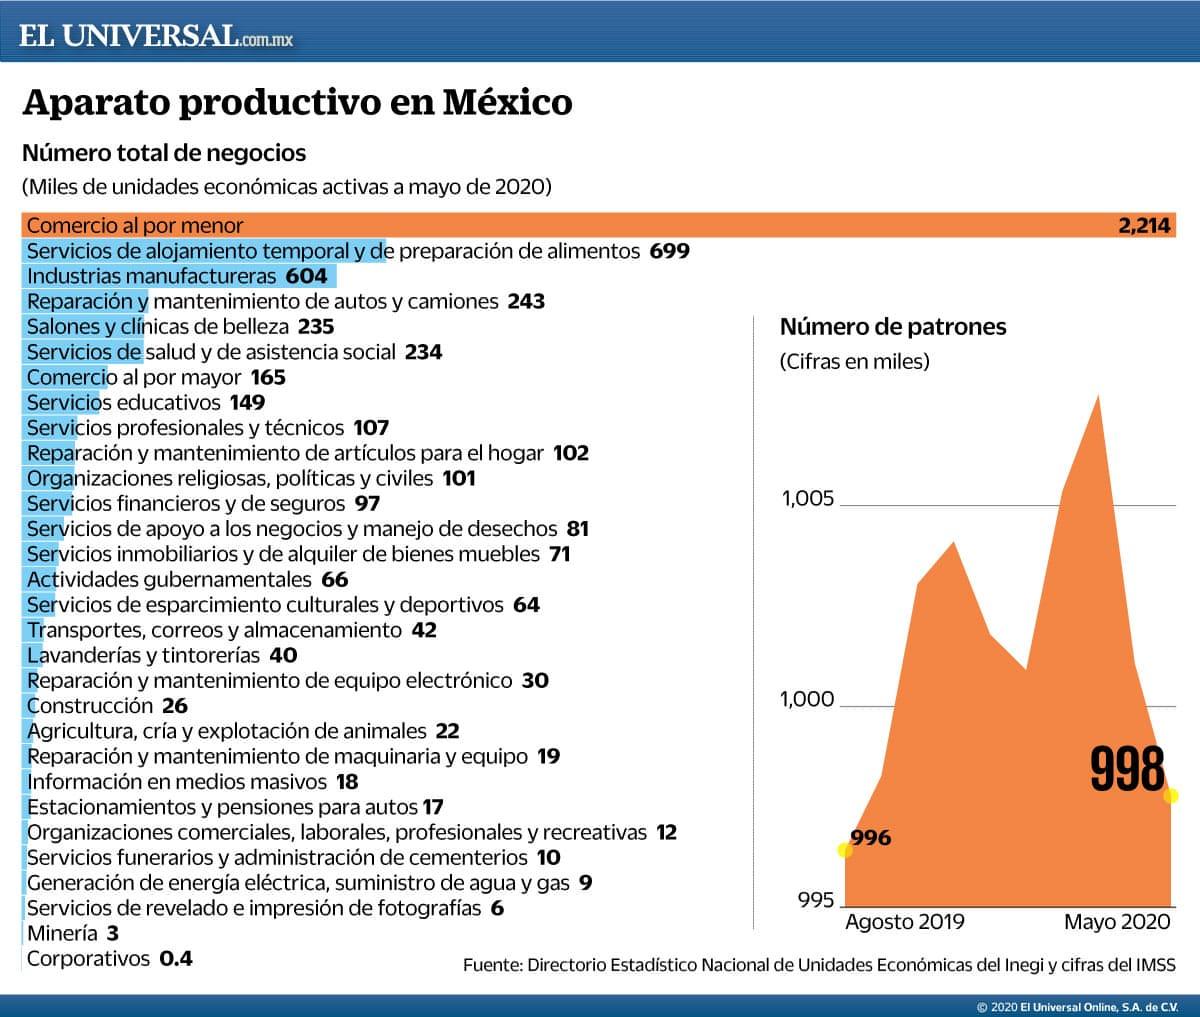 En los próximos seis meses desaparecerán 2.7 millones de empresas en América Latina, de las cuales, 2.6 millones serán microempresas y 500 mil serán mexicanas, de acuerdo con la secretaria ejecutiva de la Cepal, Alicia Bárcena https://www.eluniversal.com.mx/cartera/covid-19-matara-500-mil-empresas-de-mexico-cepal…pic.twitter.com/YtTap7IvIF